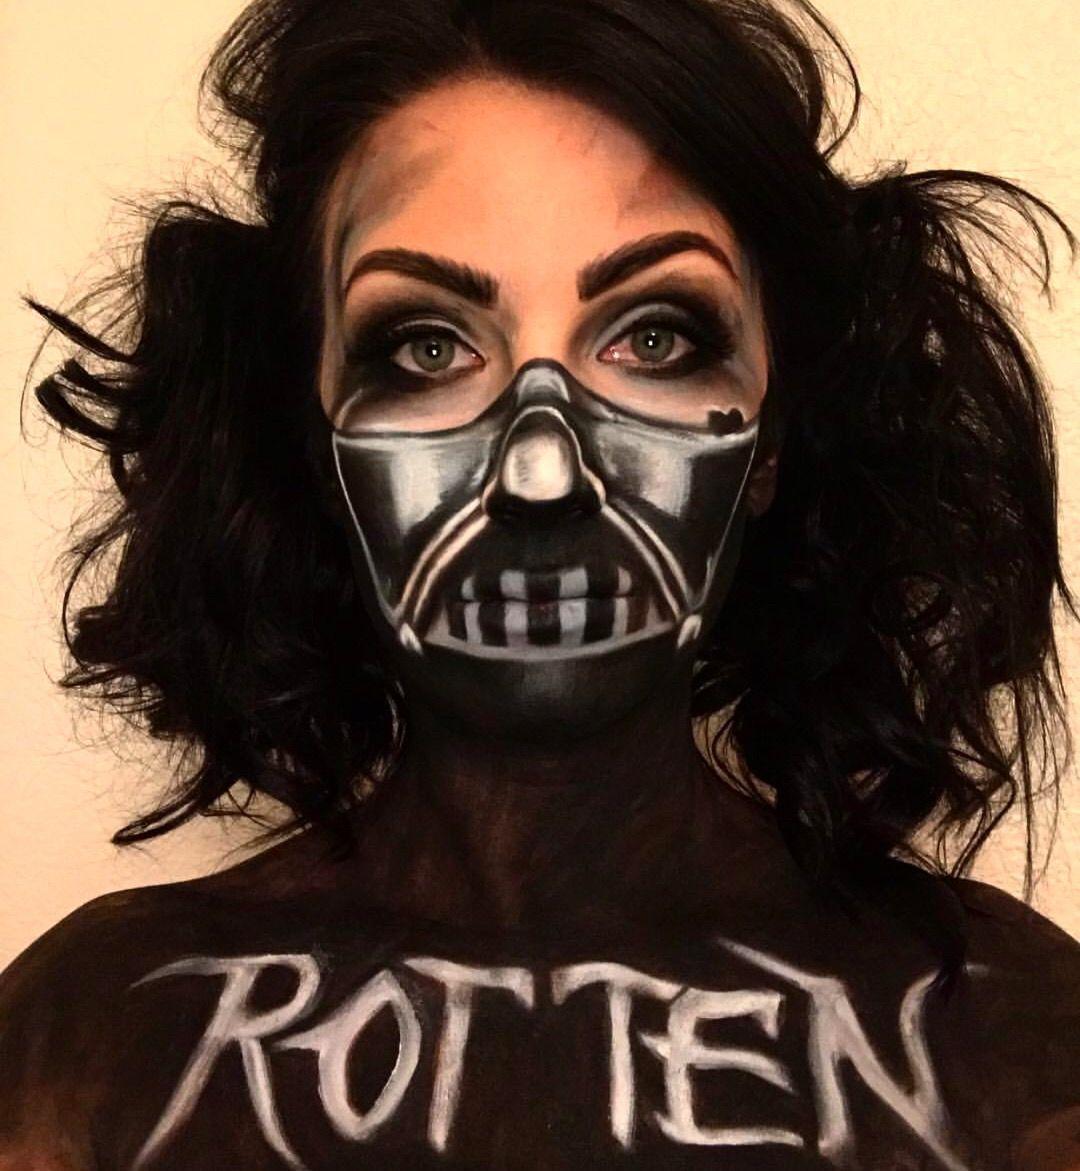 Darth Vader Darth Vader Face Paint Dark Vader Makeup Dark Vader And Harley Qu Darth Vader Face Paint Darth Vader Face Star Wars Makeup